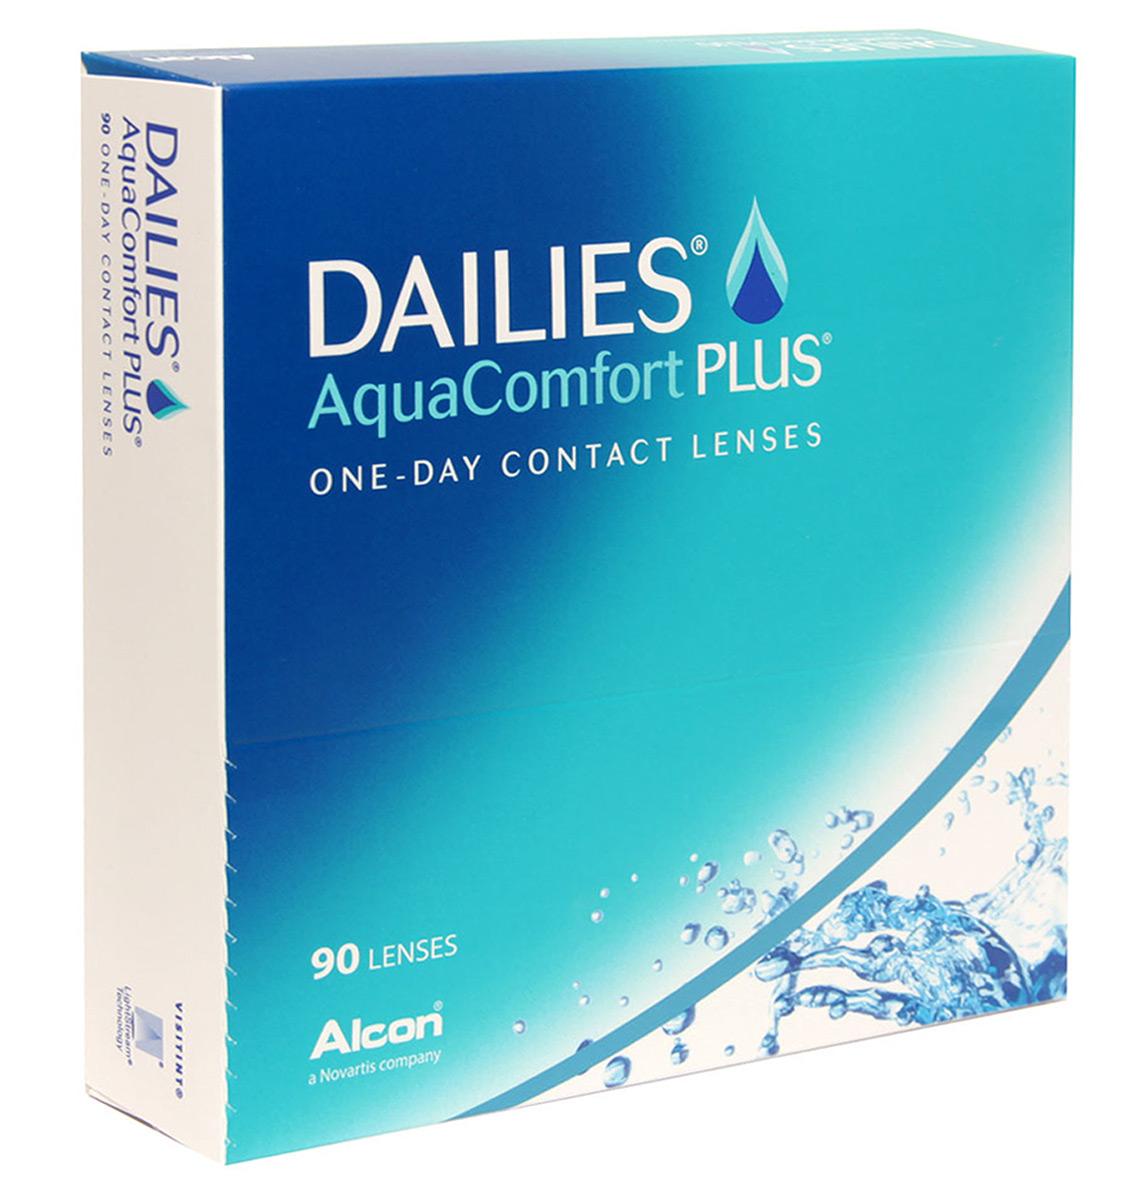 Alcon-CIBA Vision контактные линзы Dailies AquaComfort Plus (90шт / 8.7 / 14.0 / -2.75)12168Dailies AquaComfort Plus - это одни из самых популярных однодневных линз производства компании Ciba Vision. Эти линзы пользуются огромной популярностью во всем мире и являются на сегодняшний день самыми безопасными контактными линзами. Изготавливаются линзы из современного, 100% безопасного материала нелфилкон А. Особенность этого материала в том, что он легко пропускает воздух и хорошо сохраняет влагу. Однодневные контактные линзы Dailies AquaComfort Plus не нуждаются в дополнительном уходе и затратах, каждый день вы надеваете свежую пару линз. Дизайн линзы биосовместимый, что гарантирует безупречный комфорт. Самое главное достоинство Dailies AquaComfort Plus - это их уникальная система увлажнения. Благодаря этой разработке линзы увлажняются тремя различными агентами. Первый компонент, ухаживающий за линзами, находится в растворе, он как бы обволакивает линзу, обеспечивая чрезвычайно комфортное надевание. Второй агент выделяется на протяжении всего дня, он непрерывно смачивает линзы. Третий - увлажняющий агент, выделяется во время моргания, благодаря ему поддерживается постоянный комфорт. Также линзы имеют УФ-фильтр, который будет заботиться о ваших глазах. Dailies AquaComfort Plus - одни из лучших линз в своей категории. Всемирно известная компания Ciba Vision, создавая эти контактные линзы, попыталась учесть все потребности пациентов и ей это удалось! Характеристики:Материал: нелфилкон А. Кривизна: 8.7. Оптическая сила: - 2.75. Содержание воды: 69%. Диаметр: 13,8 мм. Количество линз: 90 шт. Размер упаковки: 15 см х 15,5 см х 3 см. Производитель: США. Товар сертифицирован.Контактные линзы или очки: советы офтальмологов. Статья OZON Гид